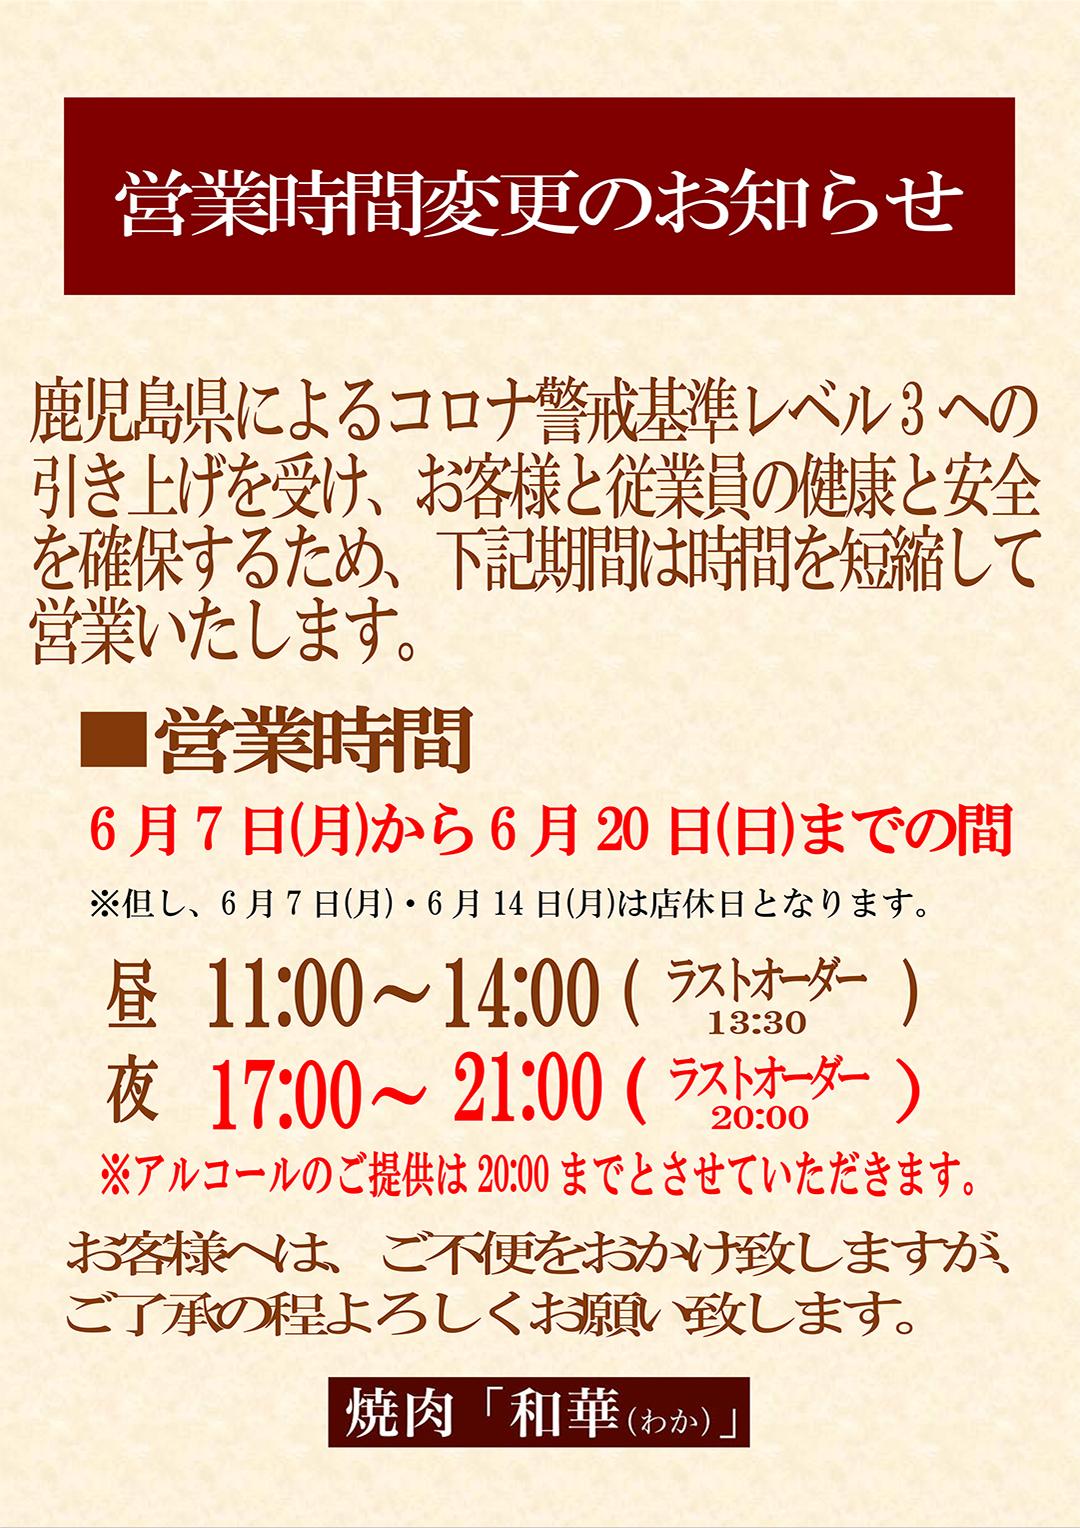 和華 営業時間変更のお知らせ